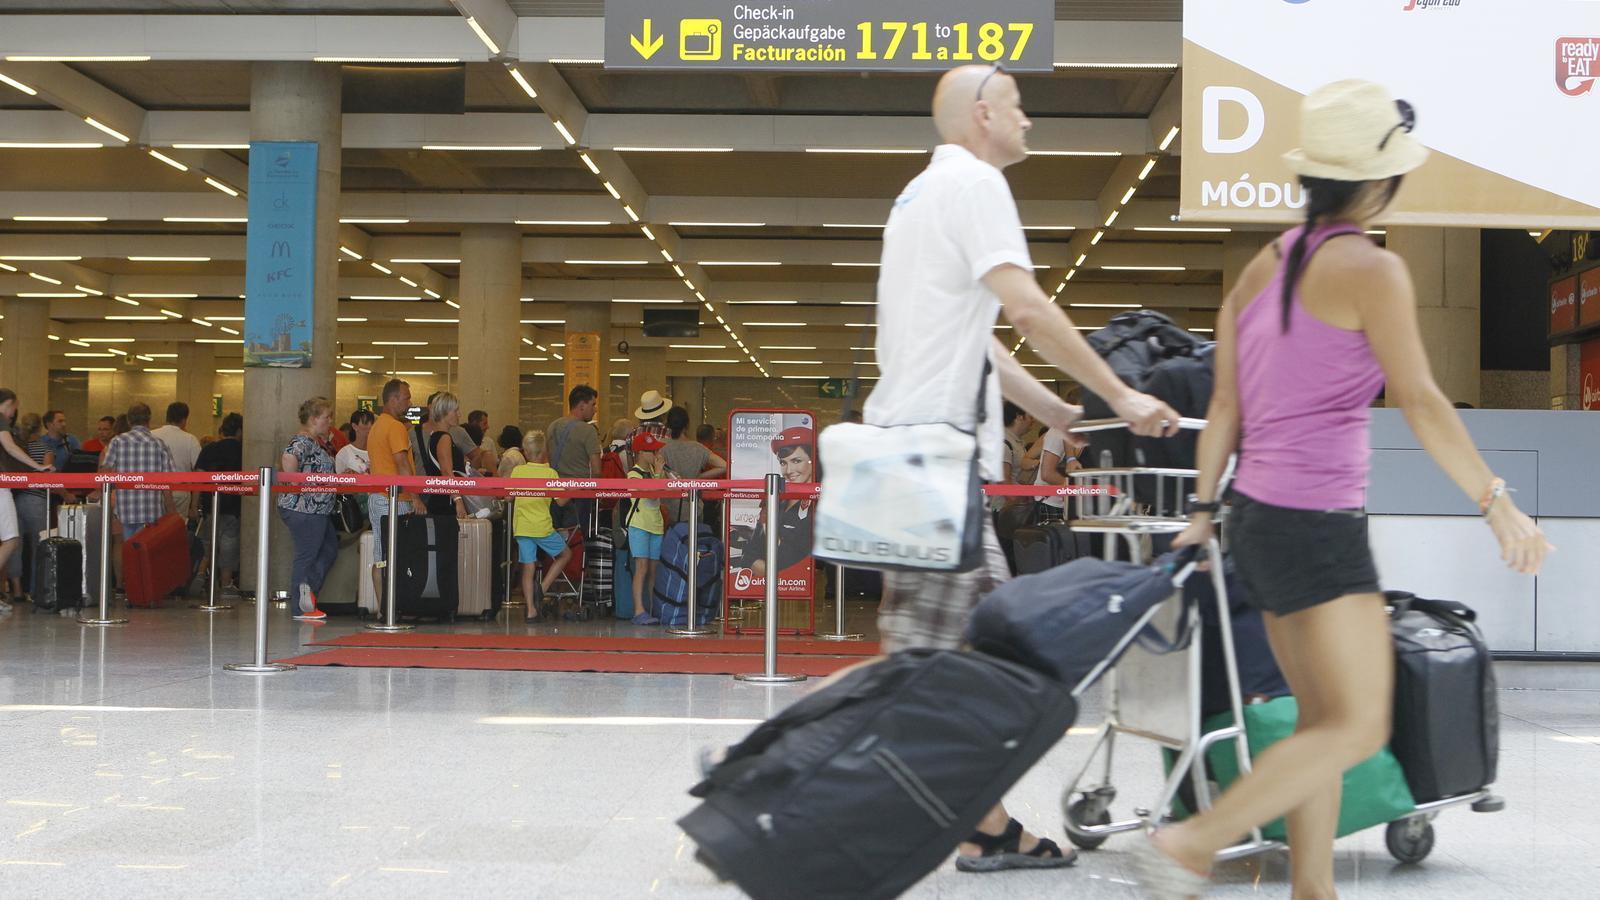 L'aeroport de Son Sant Joan de Palma, Mallorca.